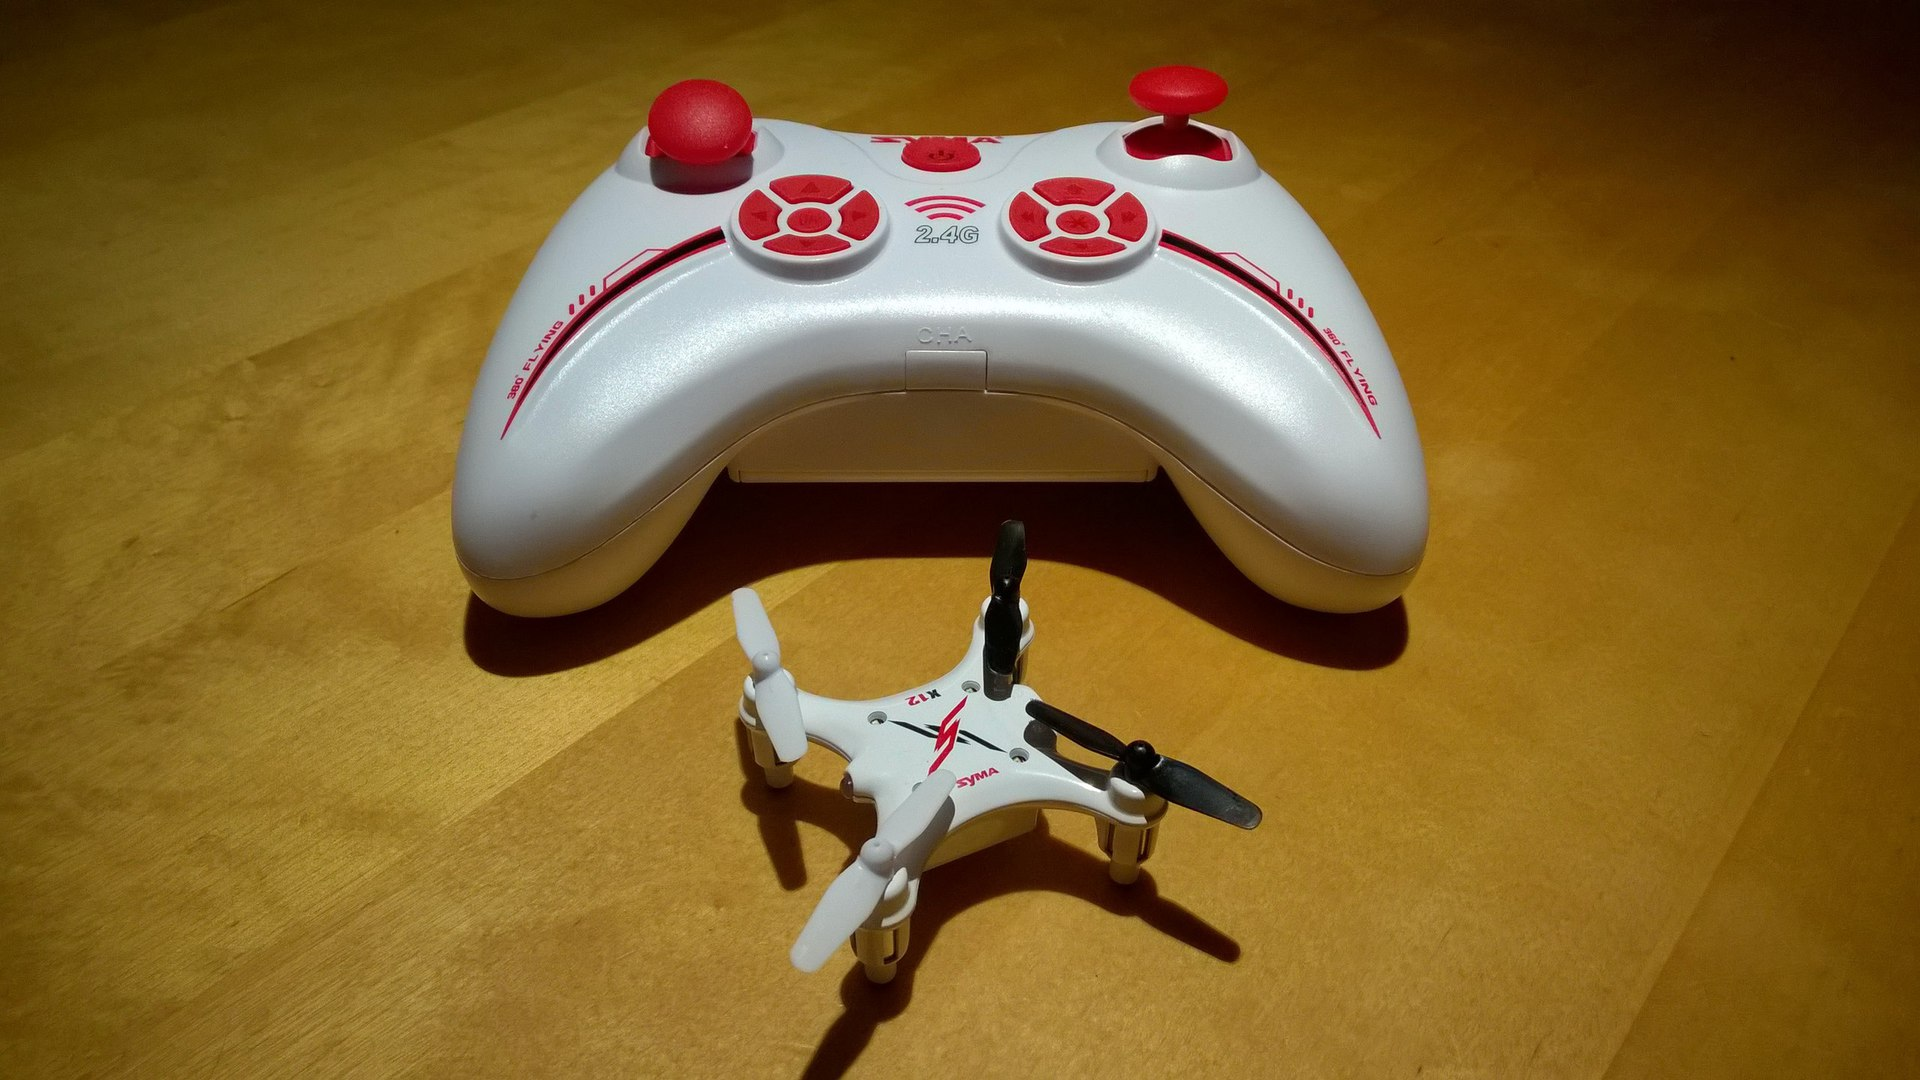 Квадрокоптер mini обзор заказать очки dji для бпла в златоуст